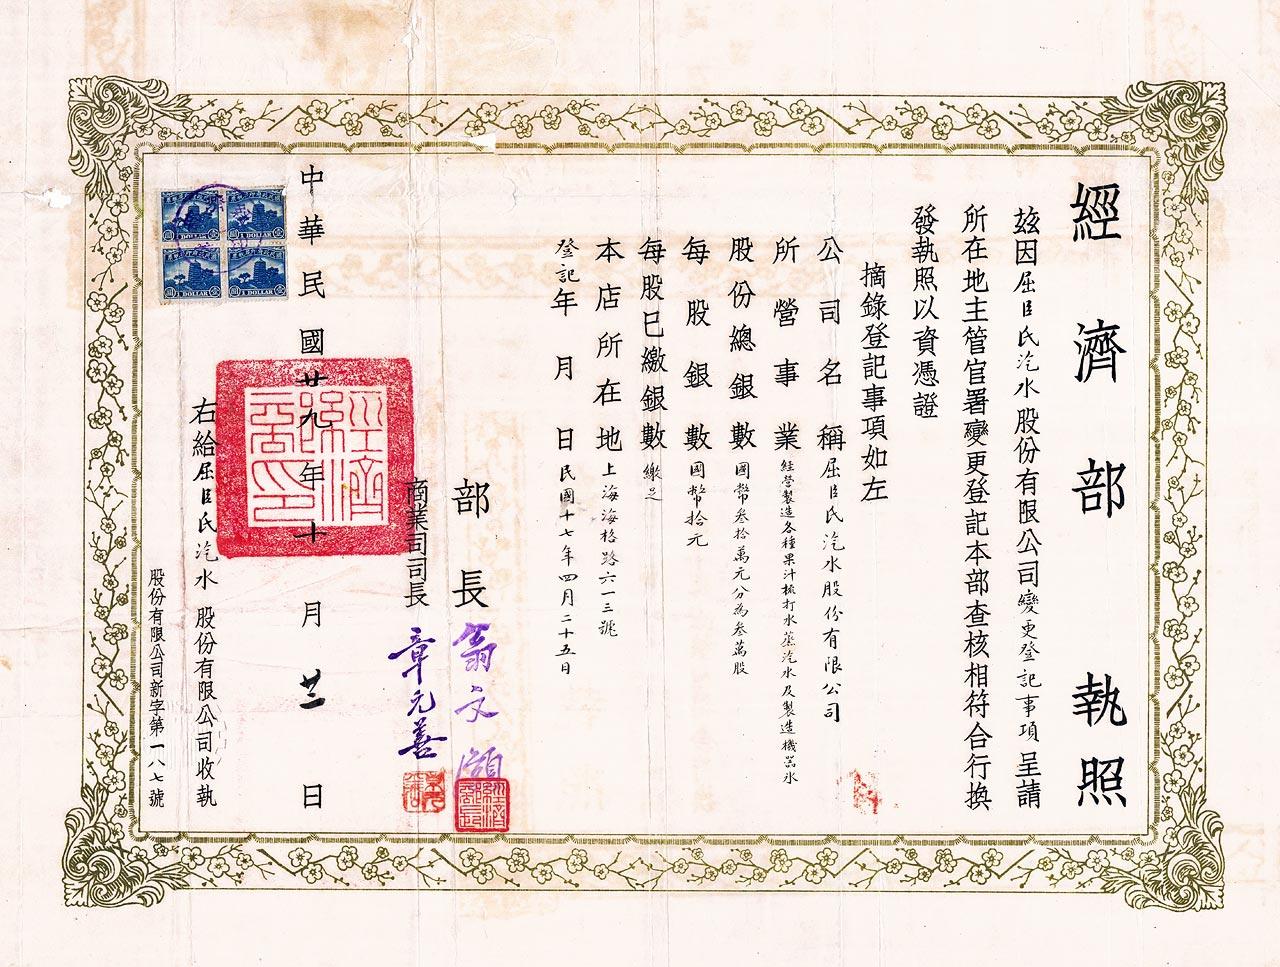 經濟部發給屈臣氏汽水公司執照 (18-23-01-72-04-079-0185)